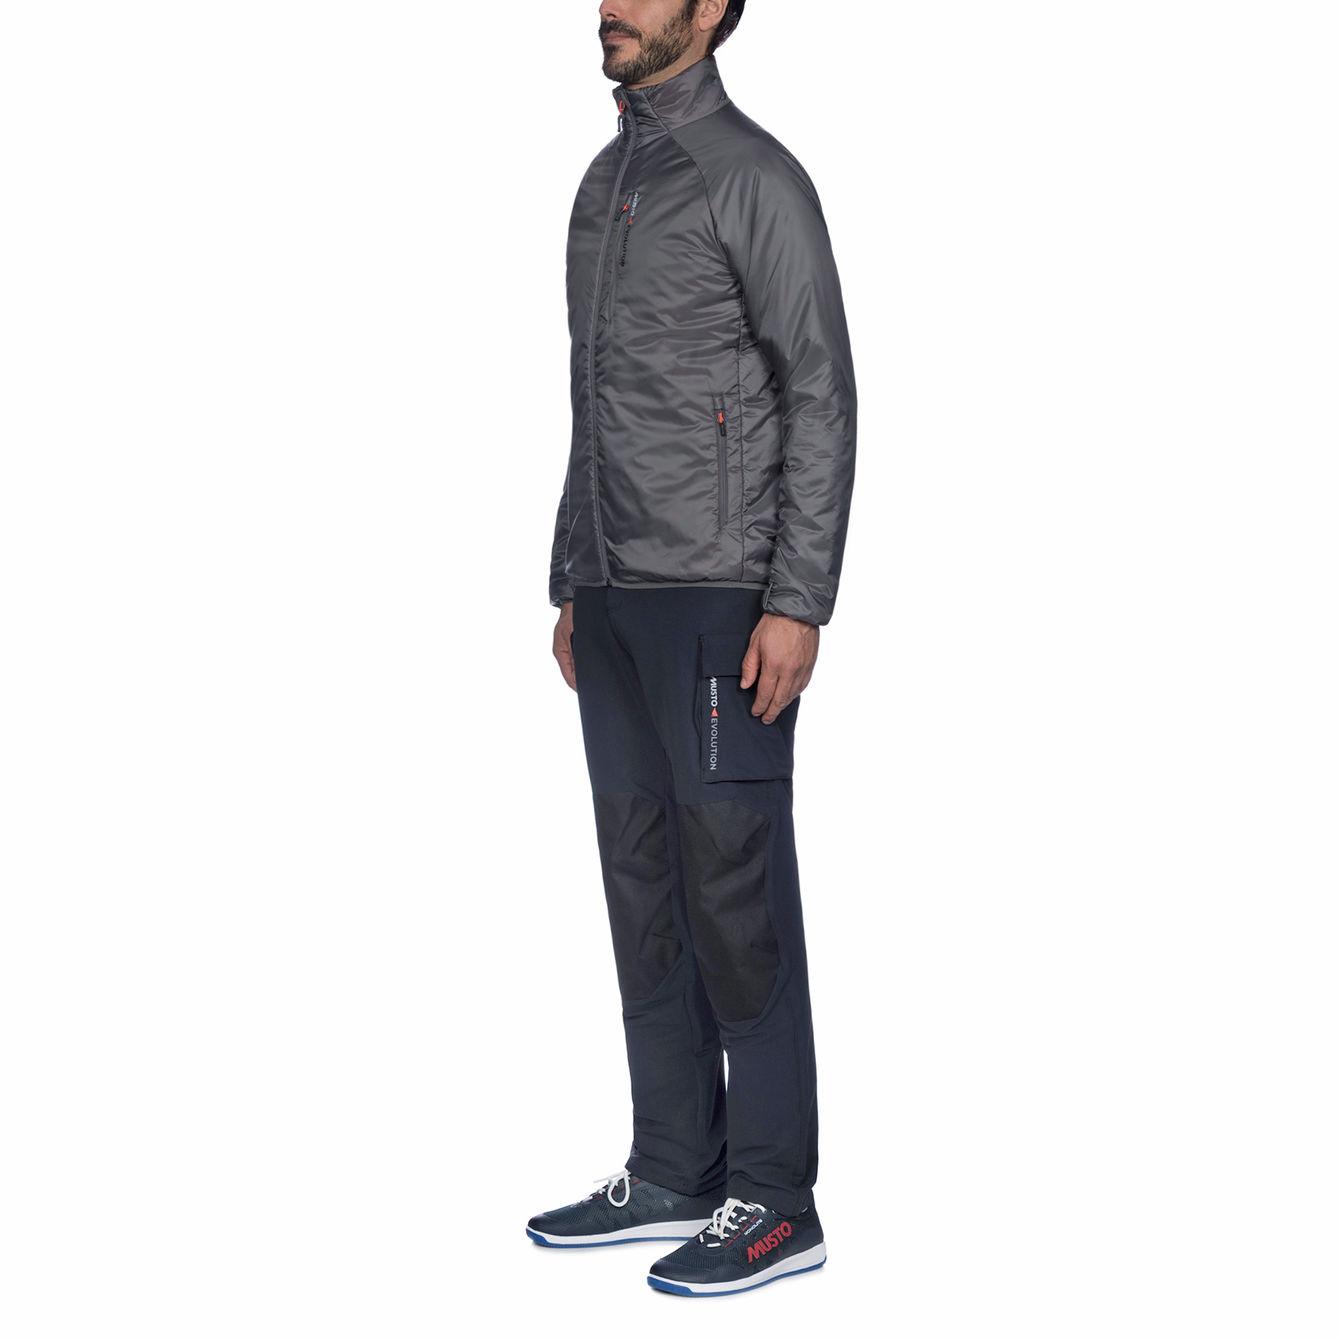 Musto Primaloft jakke Evolution XVR, herre Seilertrøyer